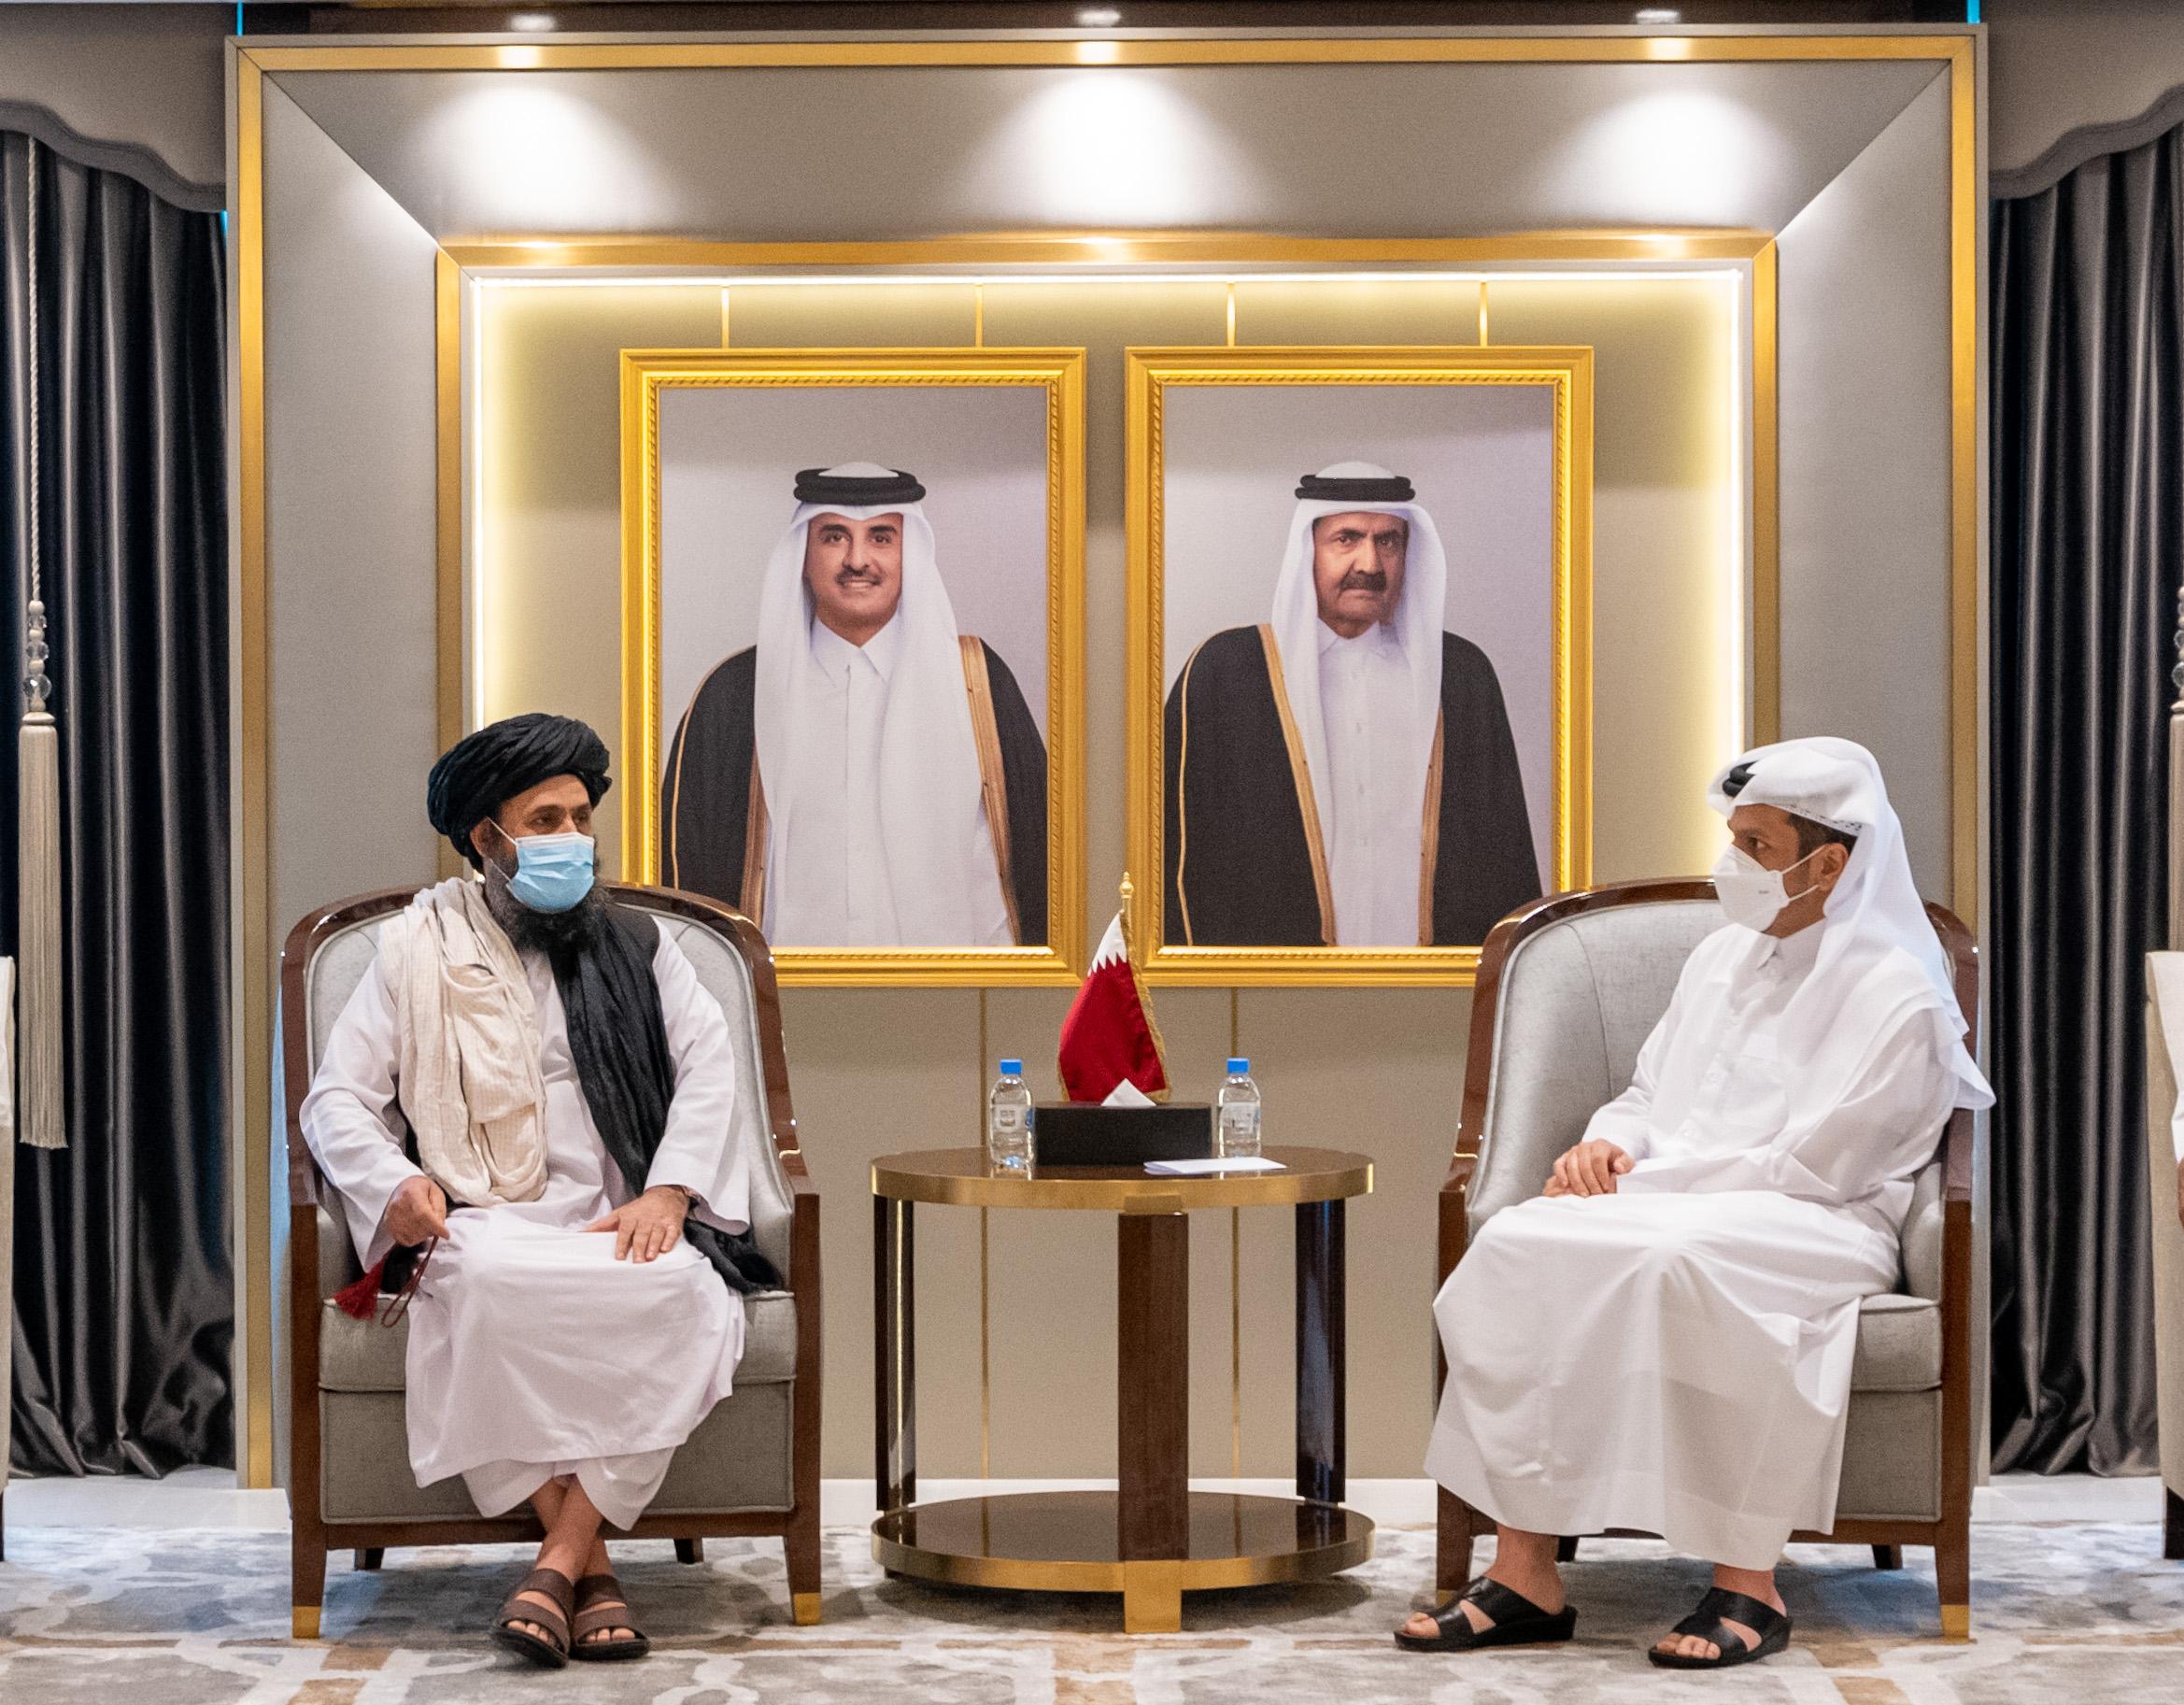 نائب رئيس مجلس الوزراء وزير الخارجية يجتمع مع وفد من طالبان